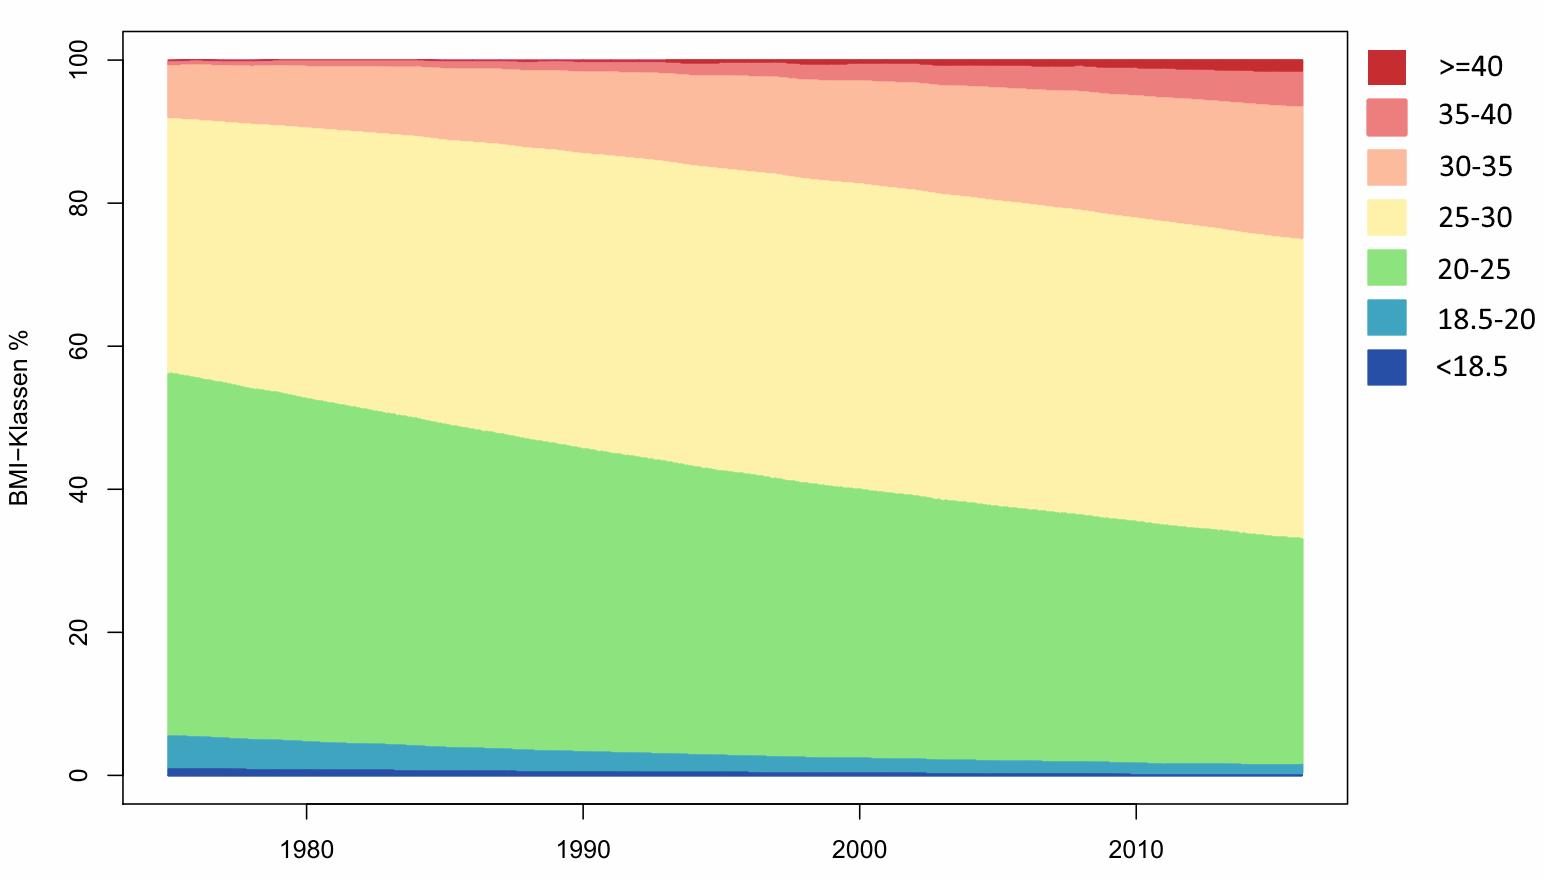 Gestapeltes Liniendiagramm der BMI-Klassen für Männer in Deutschland